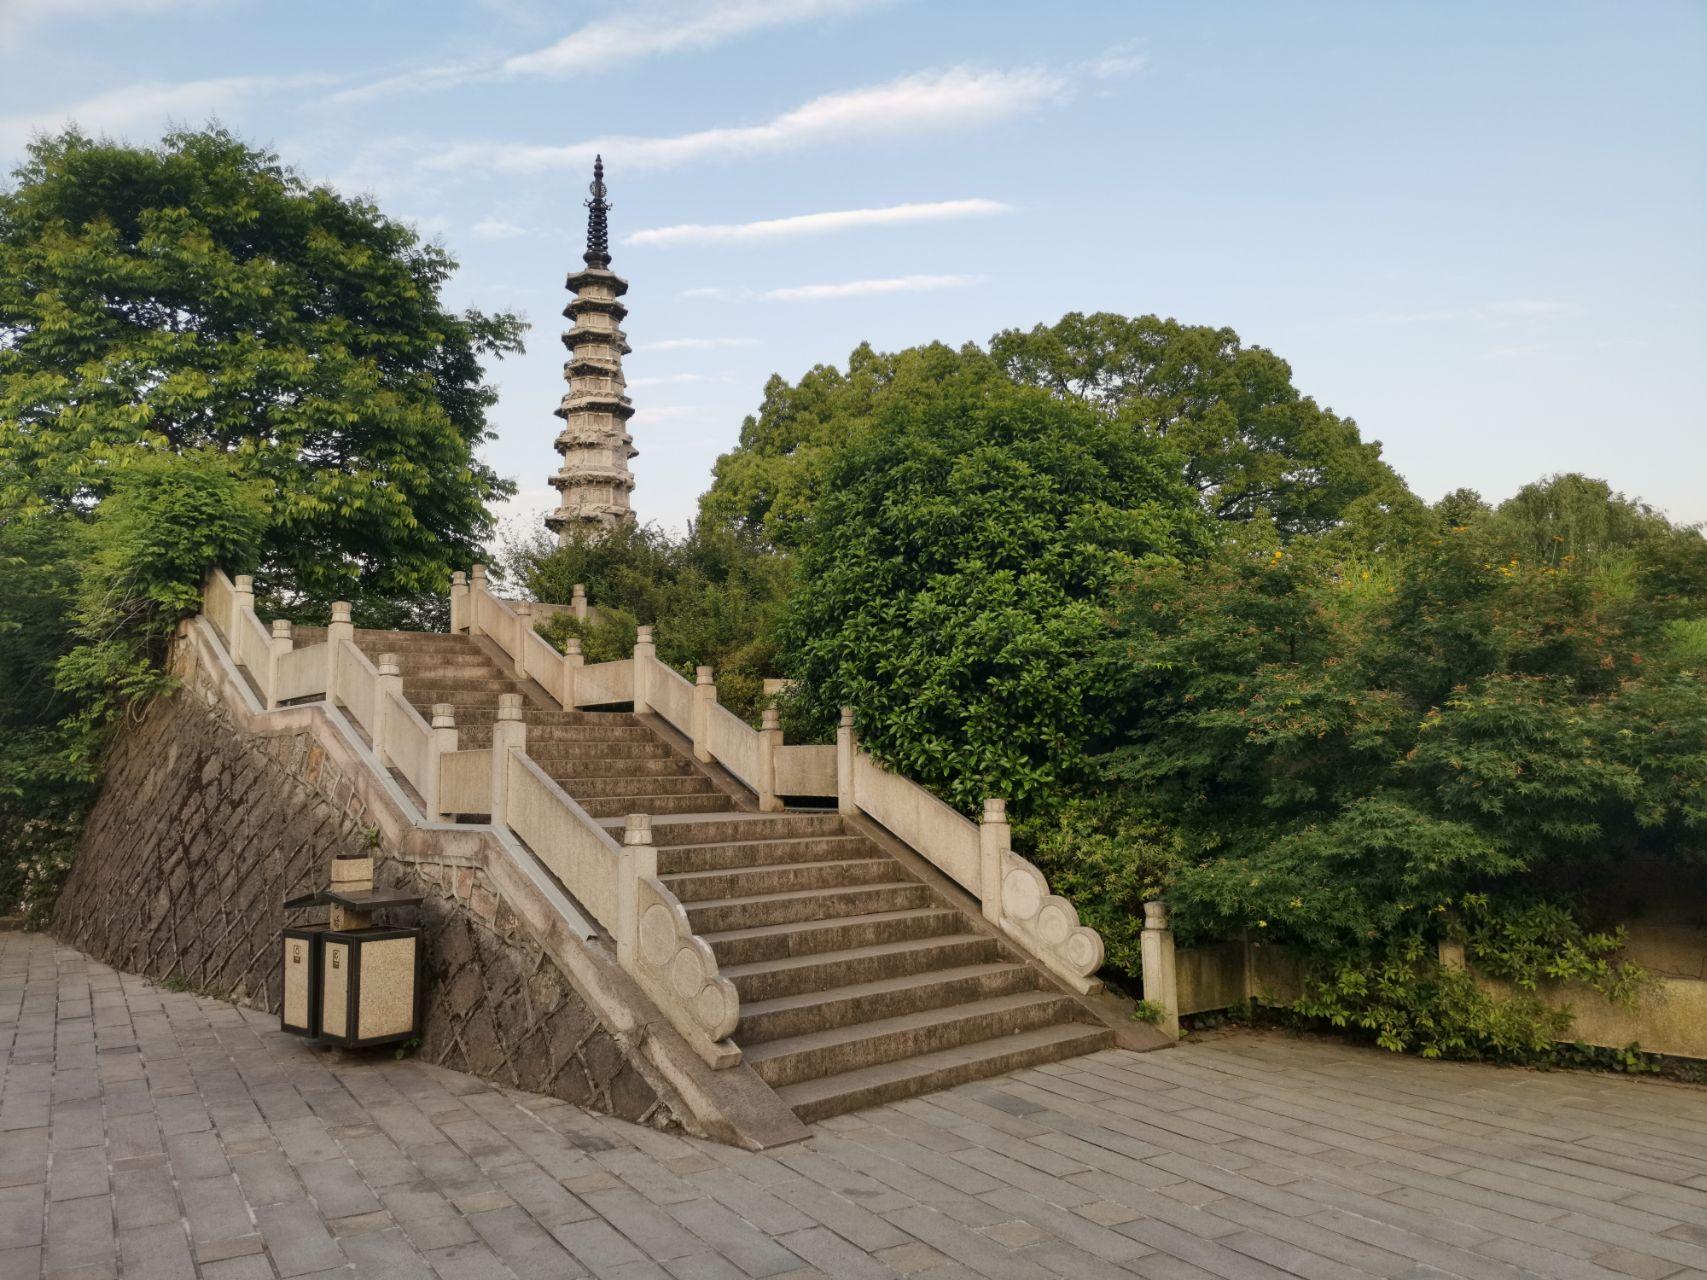 浙江被忽略的一处公园,是京杭大运河文化遗产的端点,不收门票